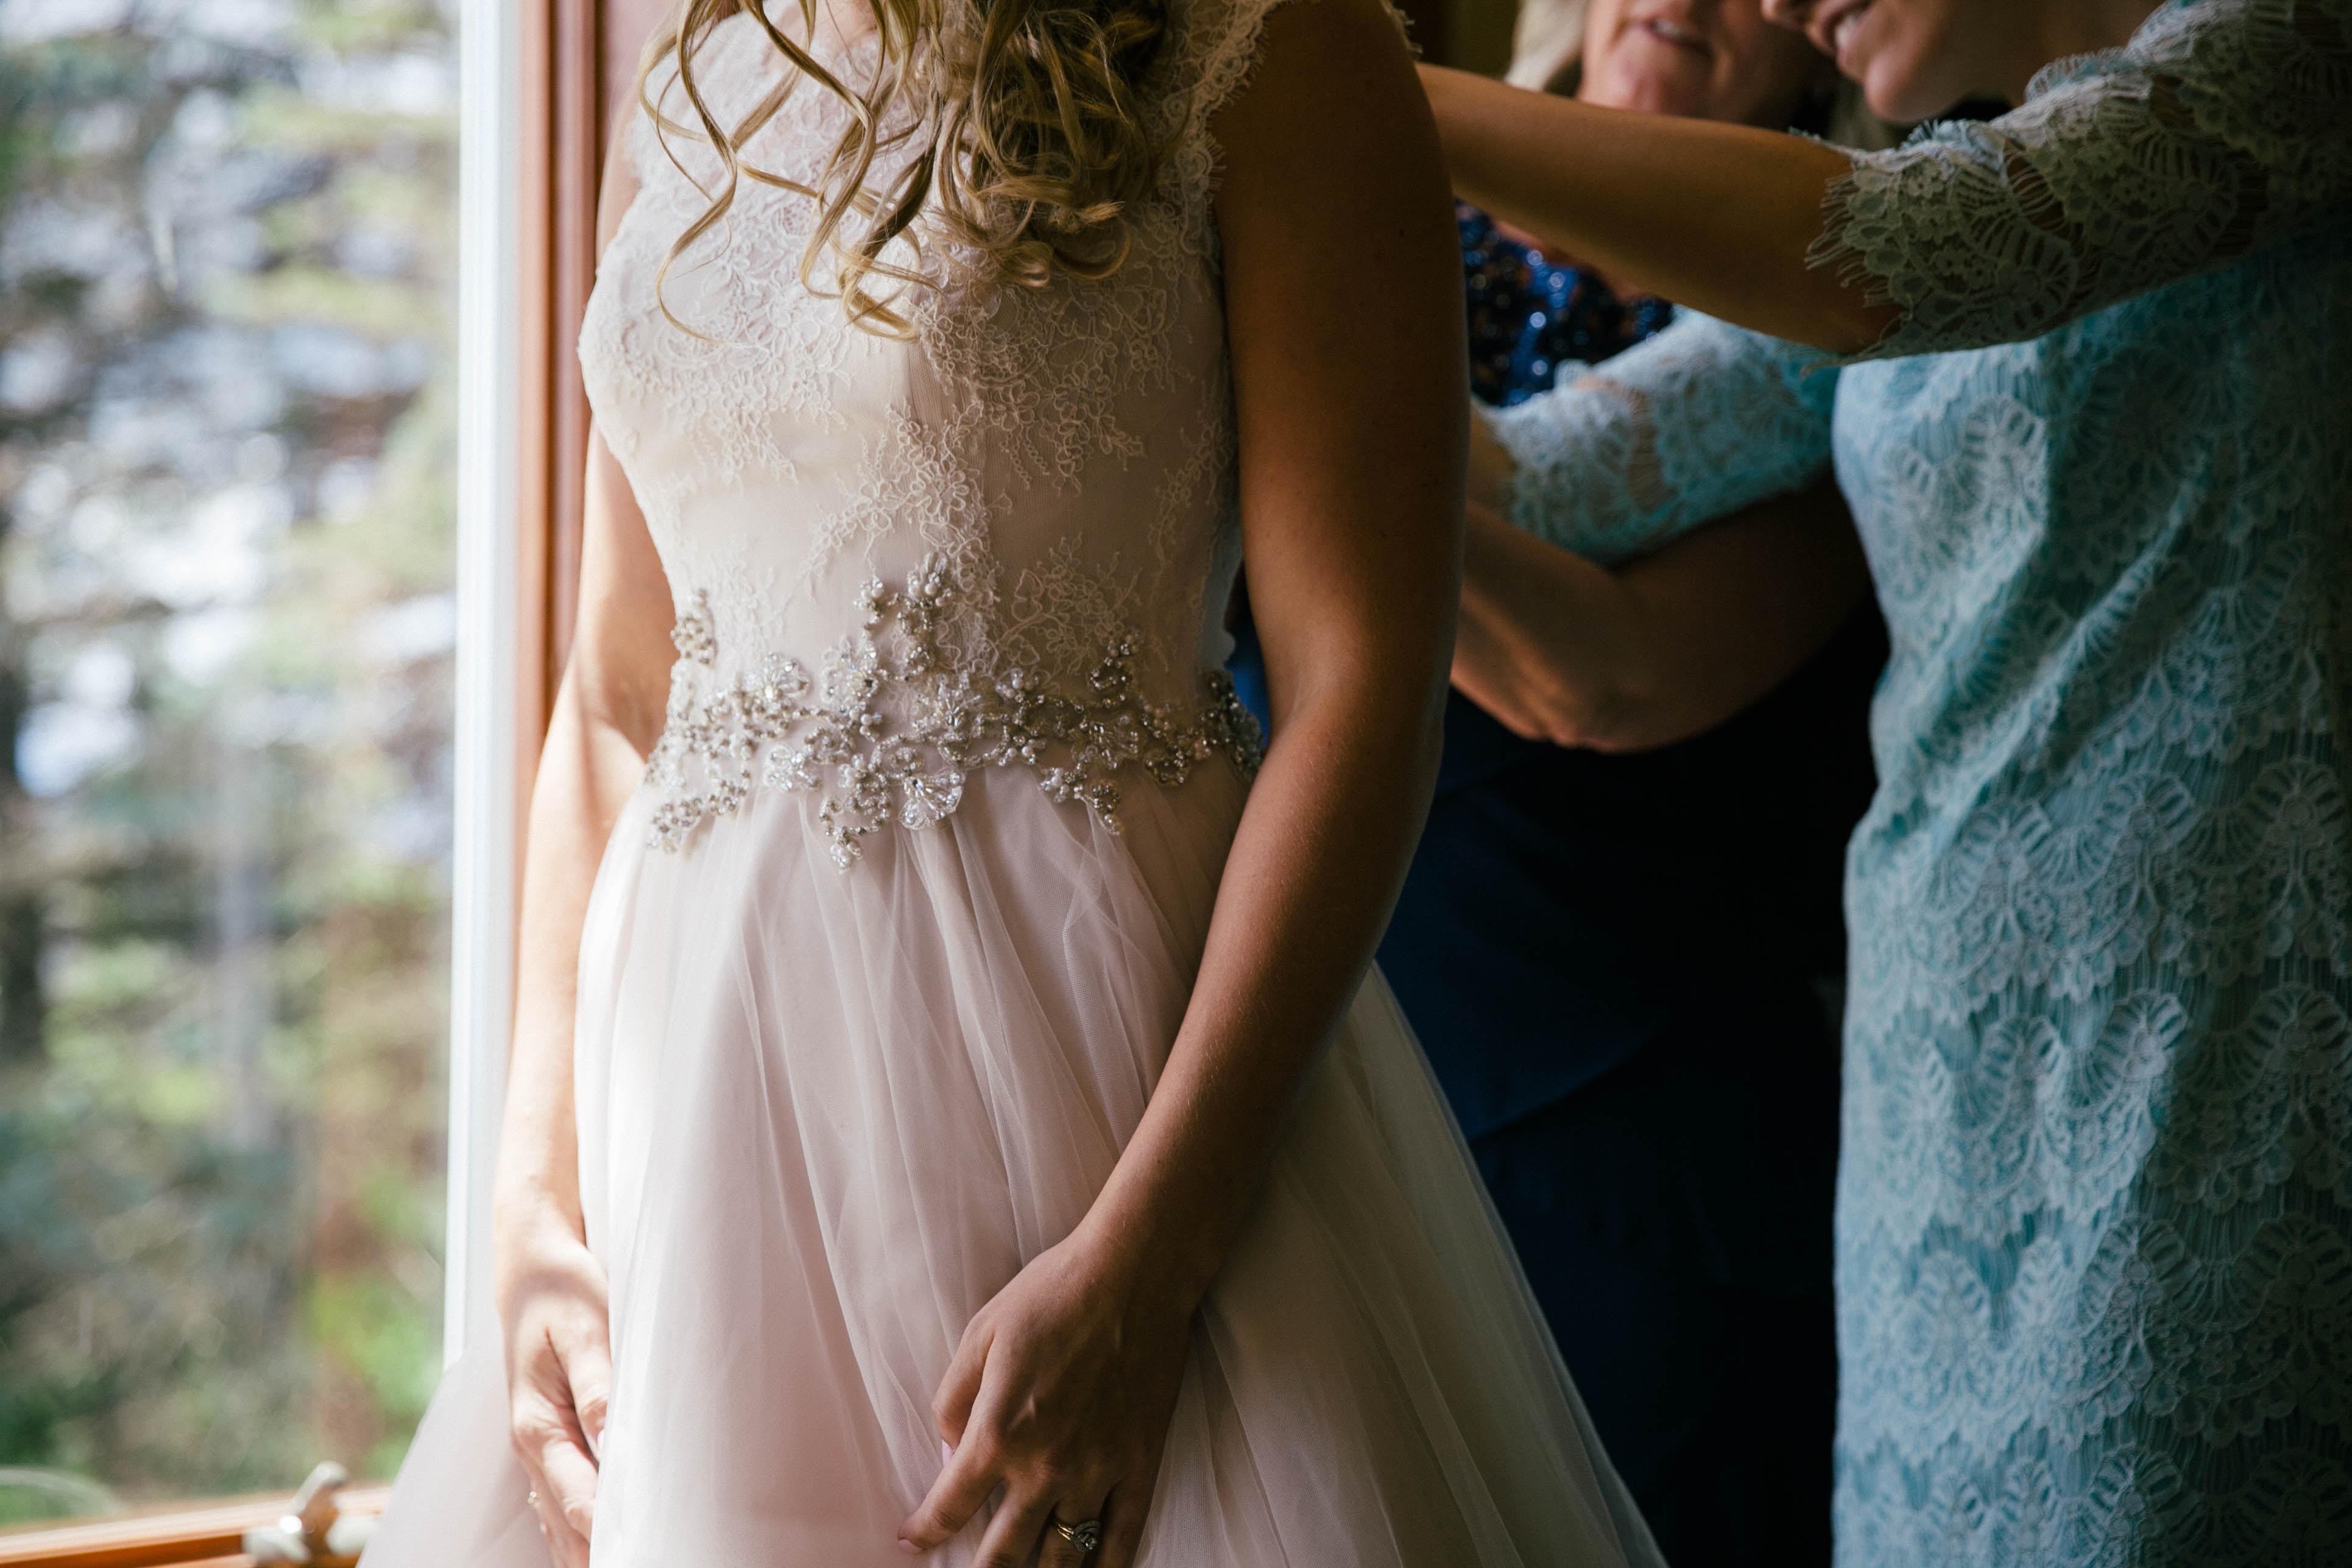 prépartifs de la mariée